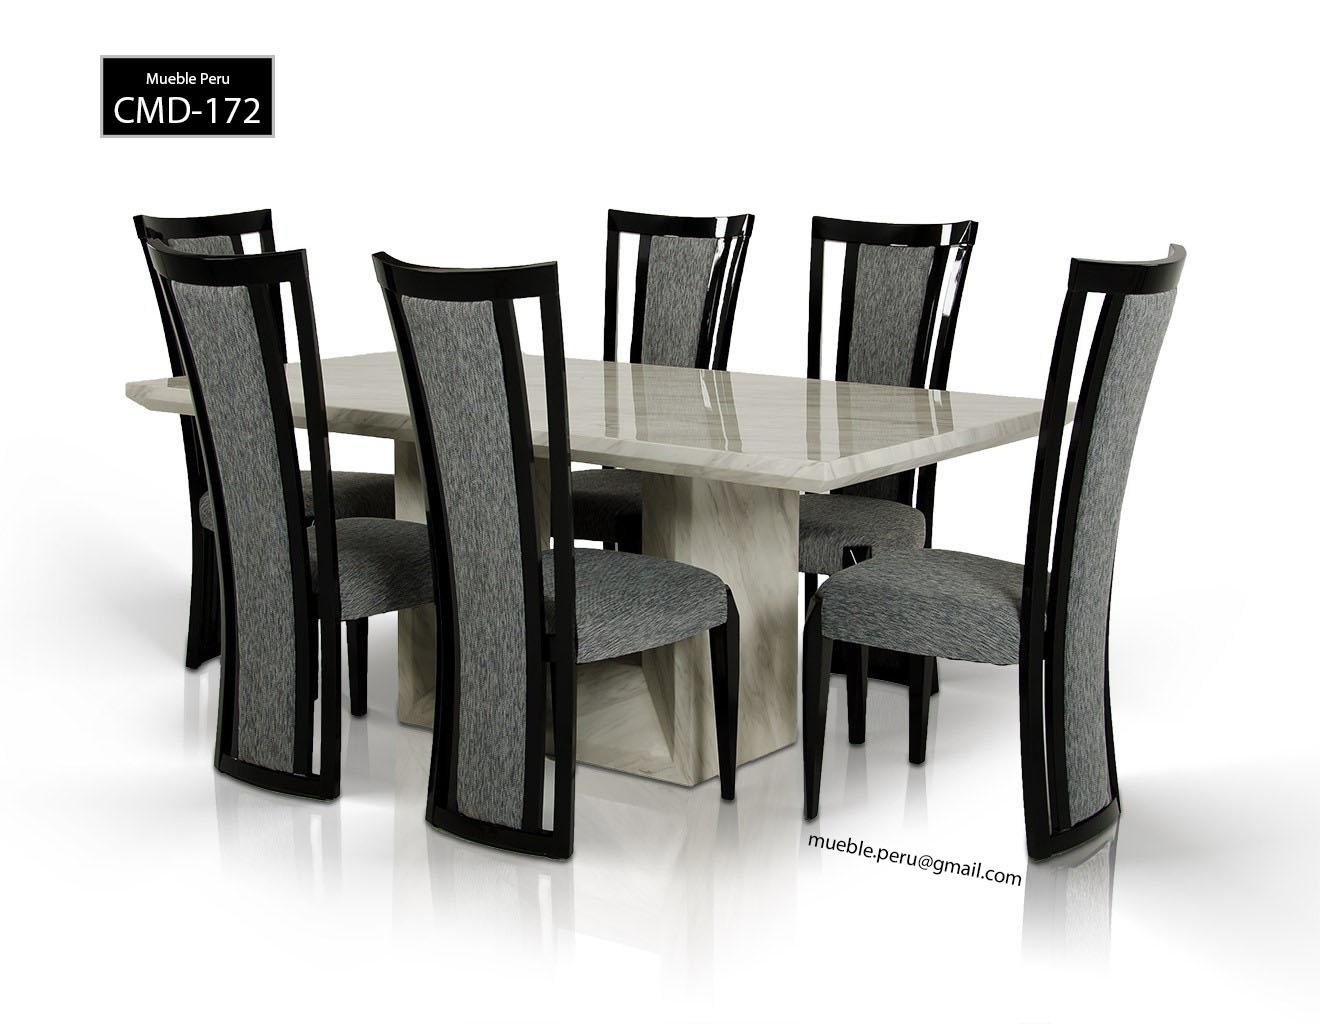 Muebles para comedores stunning muebles para comedores - Muebles en palencia ...